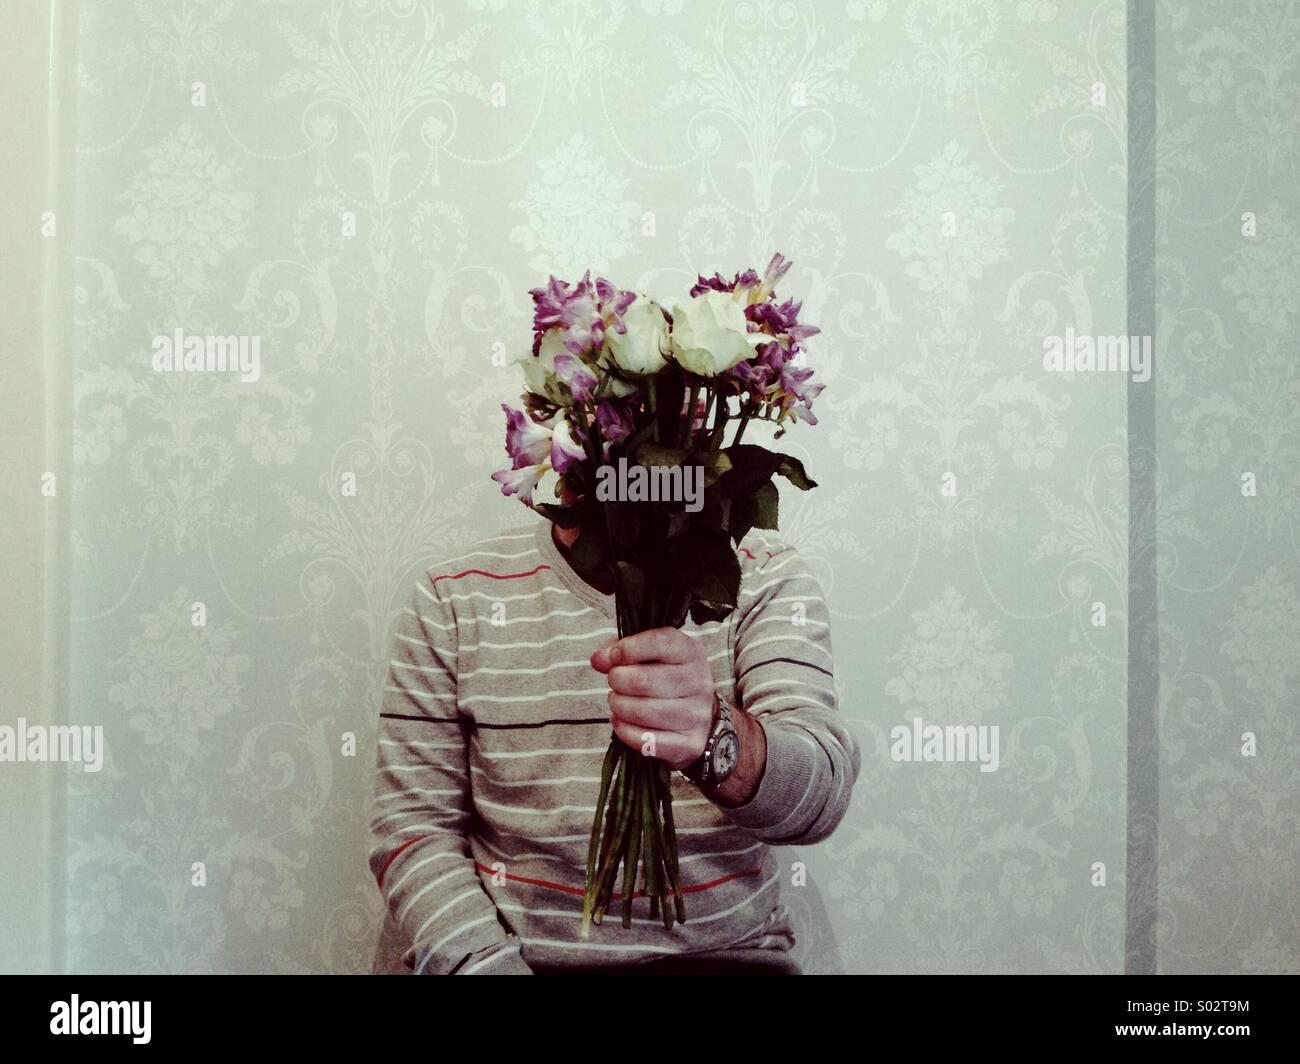 Verborgene Figur präsentiert einen Blumenstrauß im Innenbereich auf einem einfachen tapezierten Hintergrund Stockbild